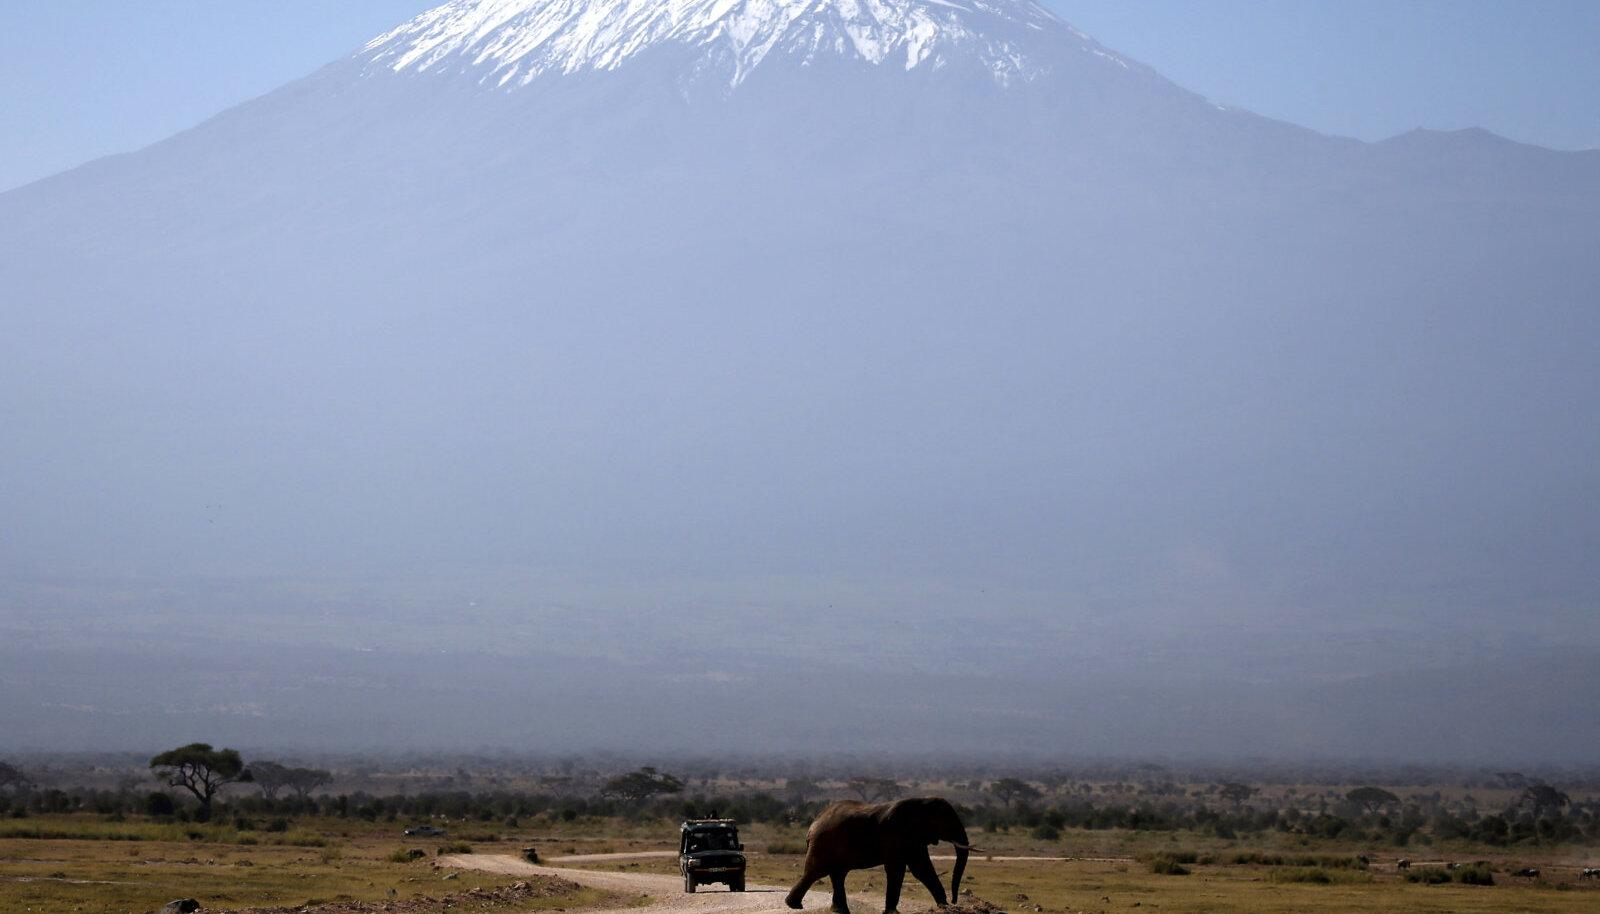 Midagi sellist? Kilimanjaro, Aafrika kõrgeim tipp.